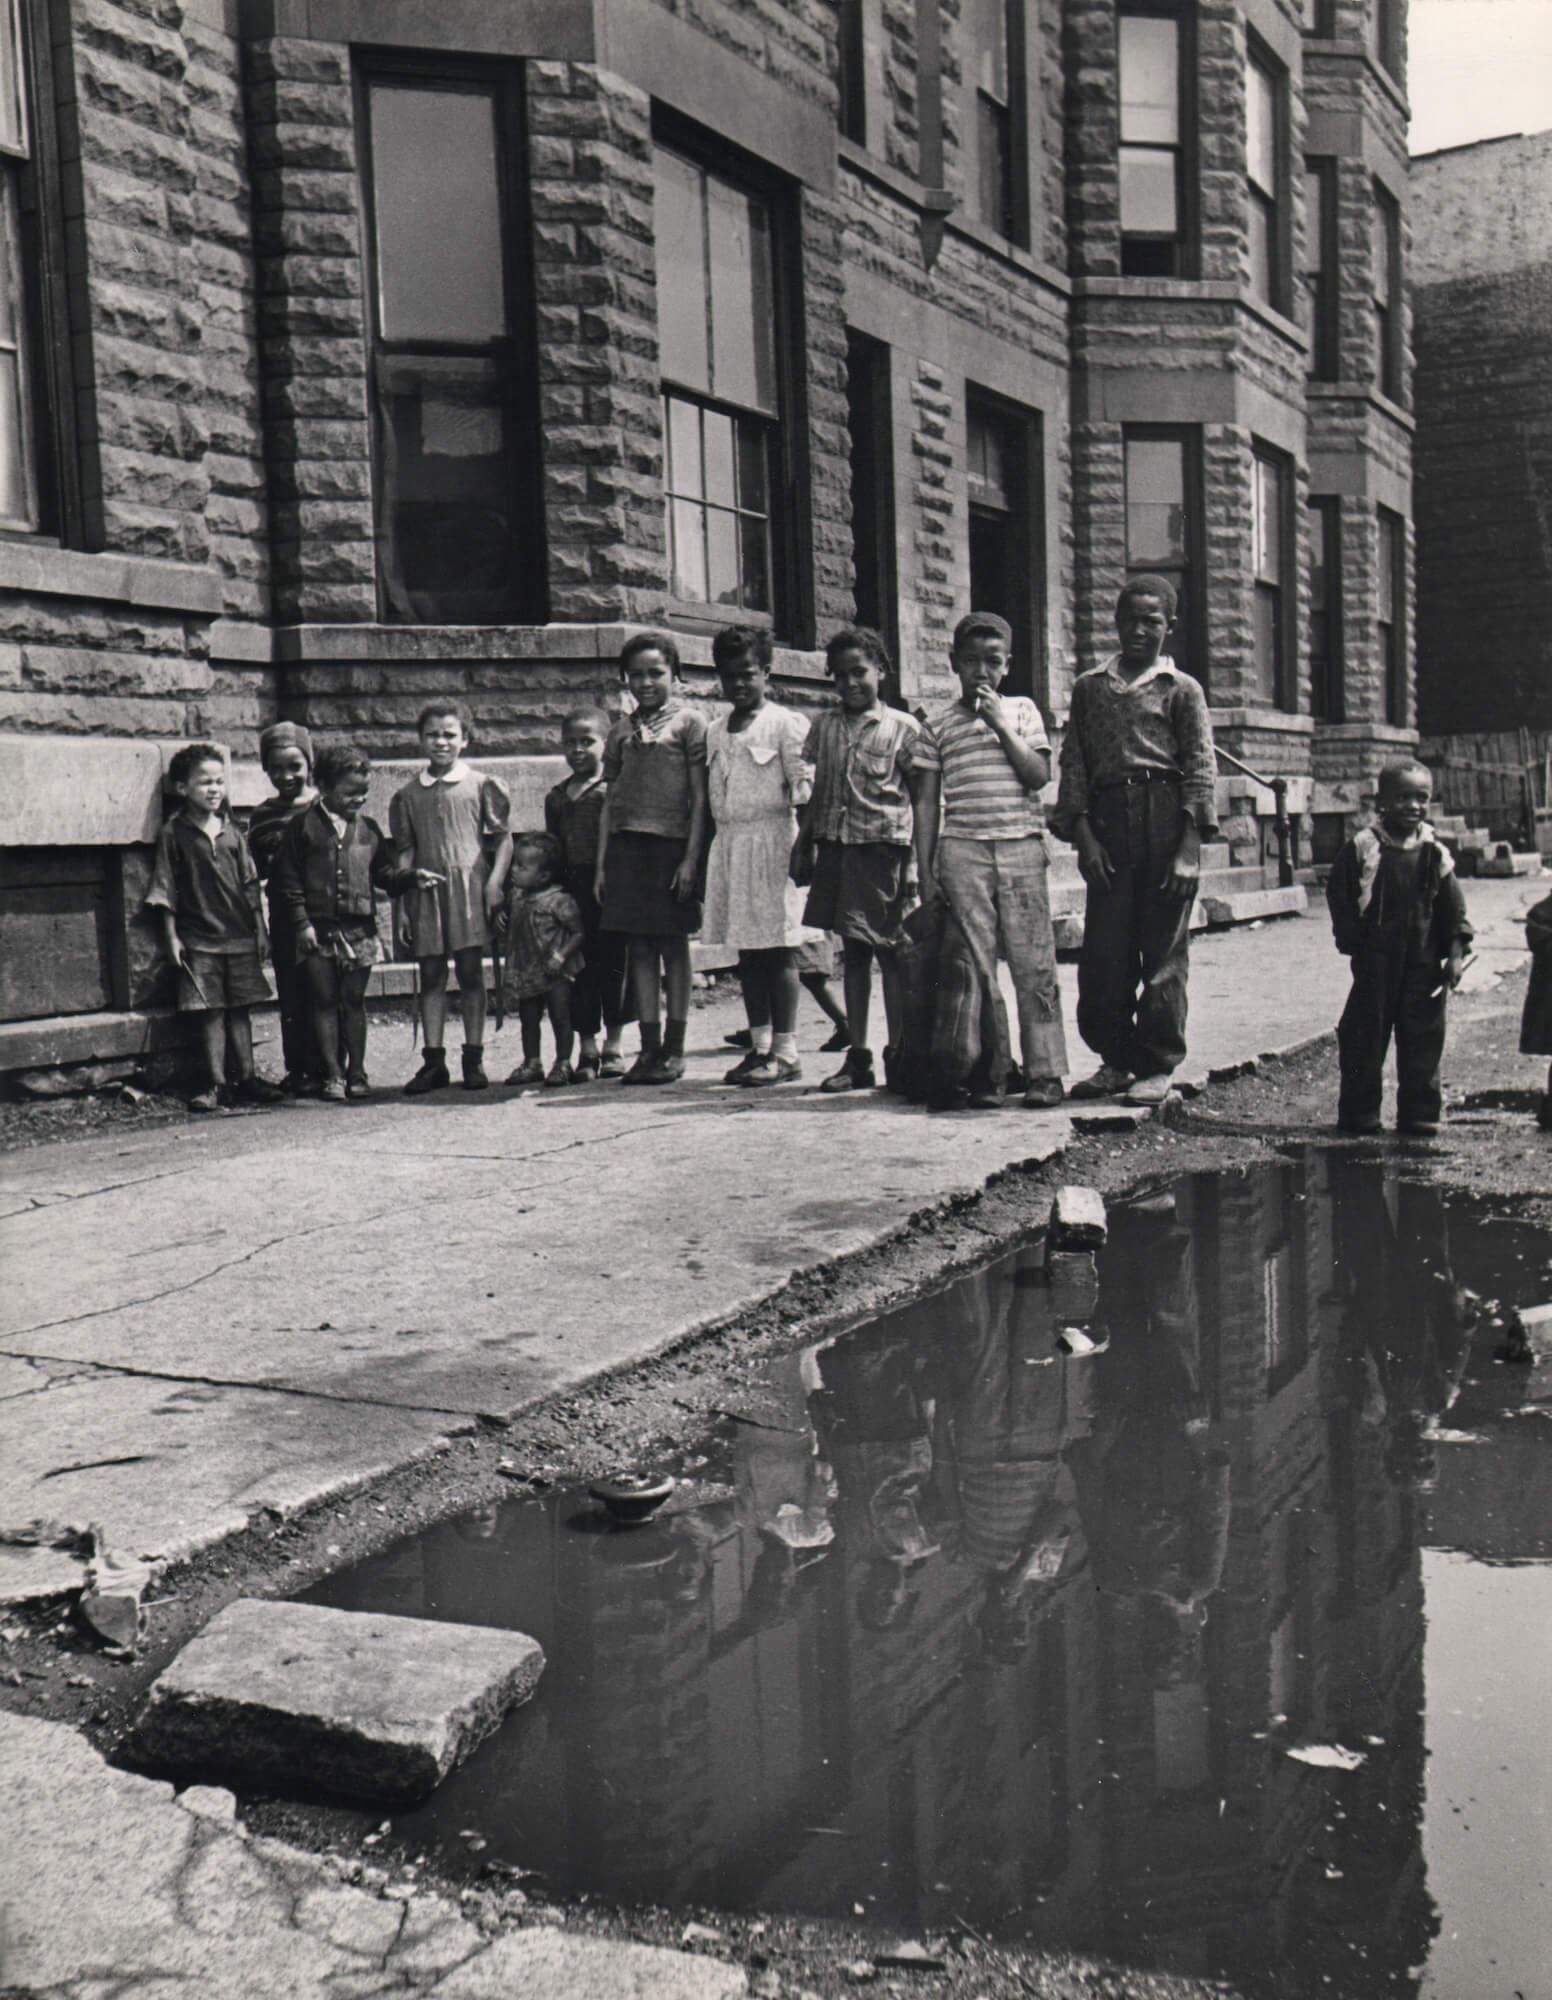 Children on a Chicago Sidewalk, 1944